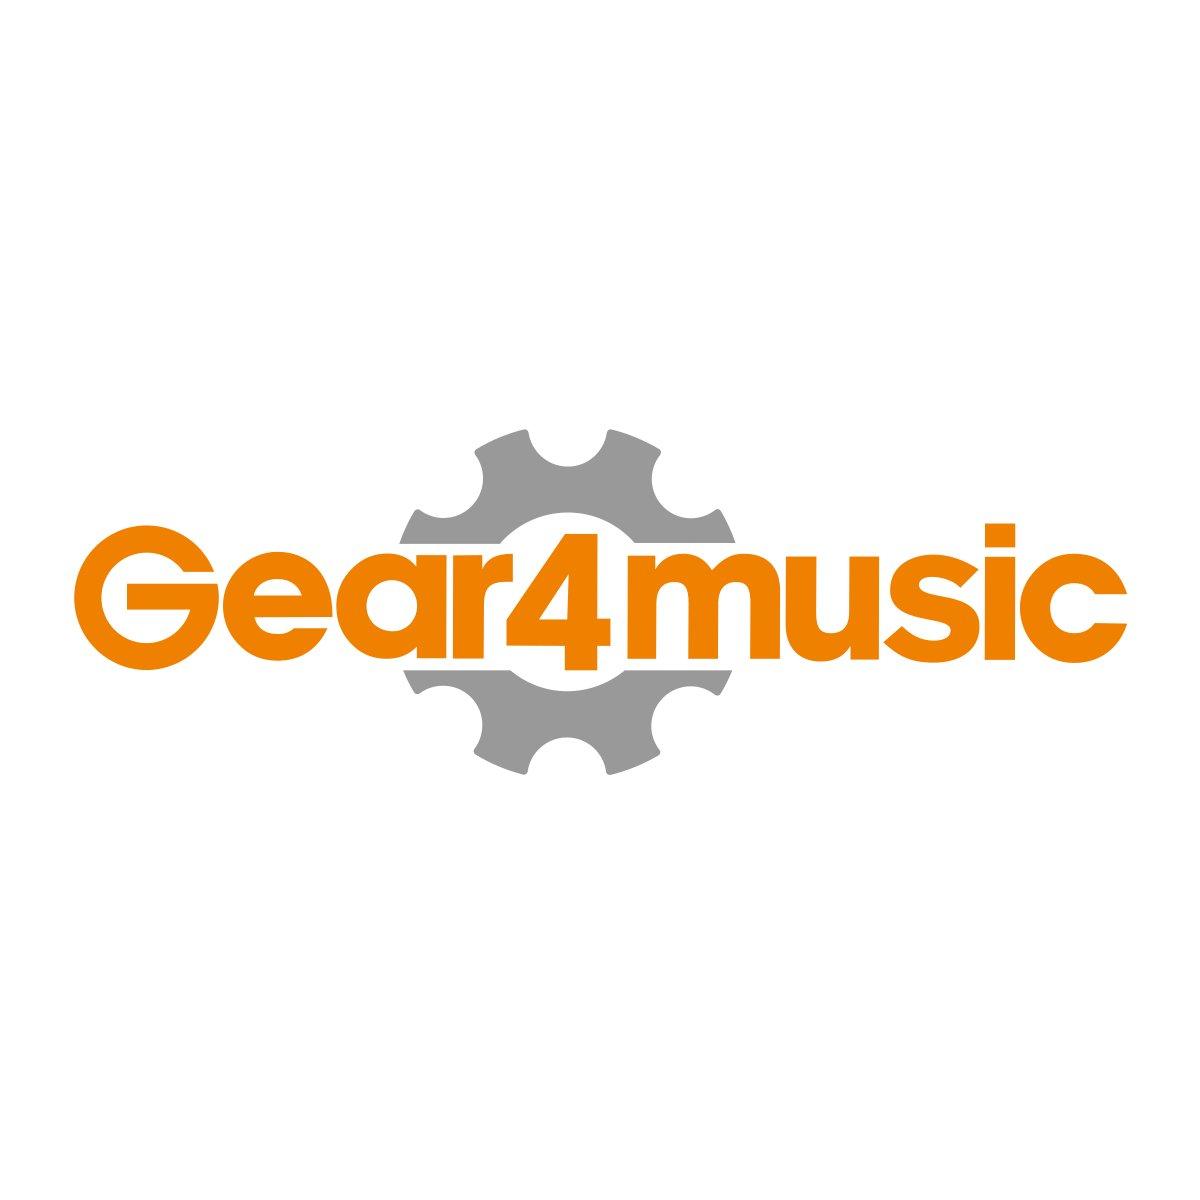 76 Key Lightweight Keyboard Case with Wheels by Gear4music